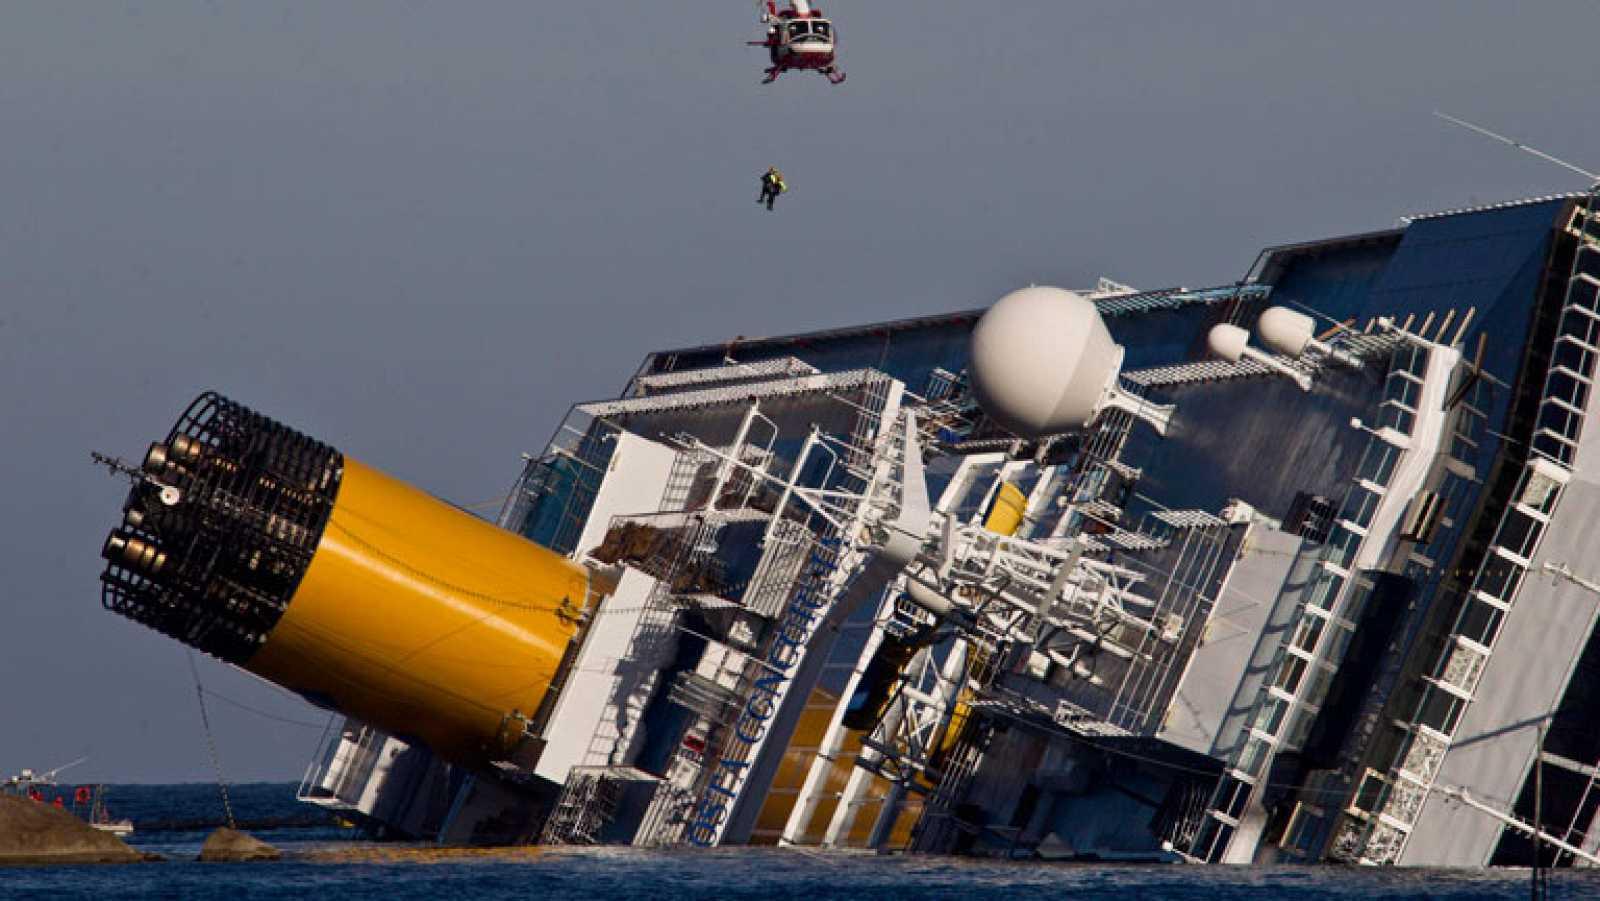 Paralizadas las labores de rescate en el Costa Concordia por el mal tiempo